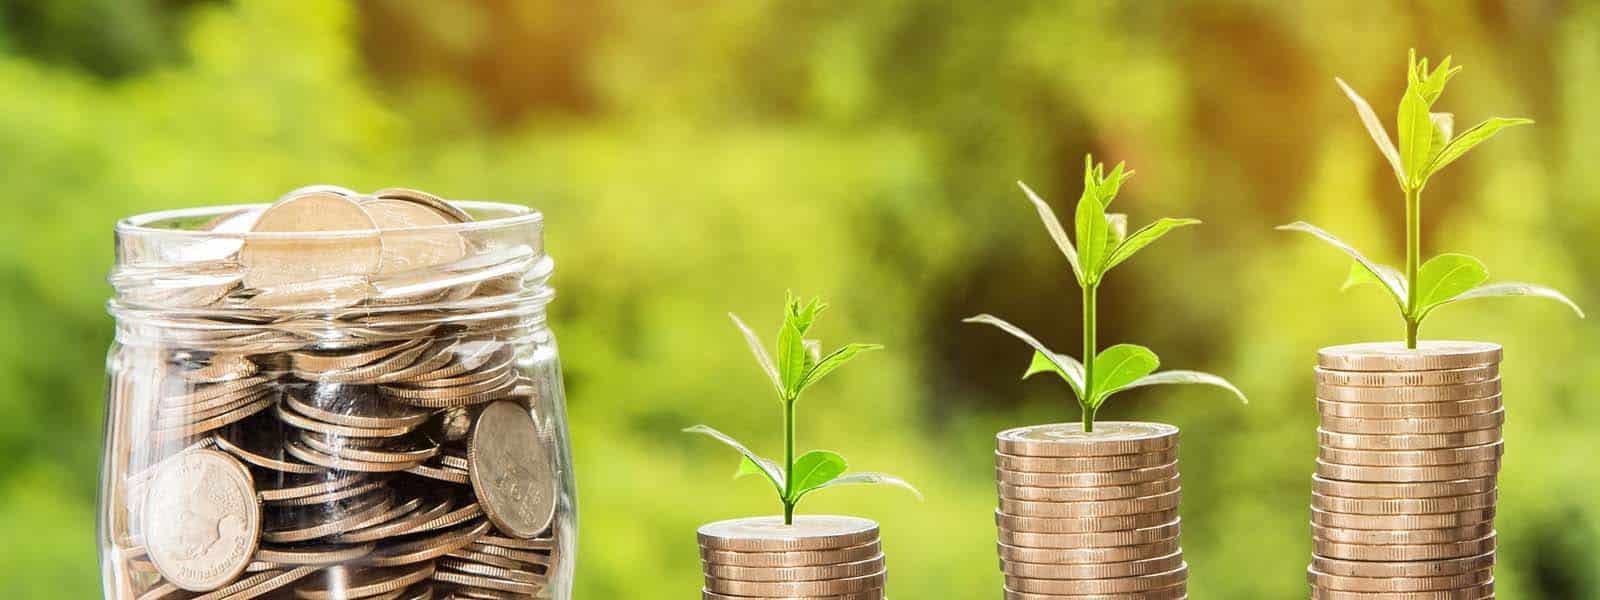 www.geldluxx.de Geld sparen und vermehren